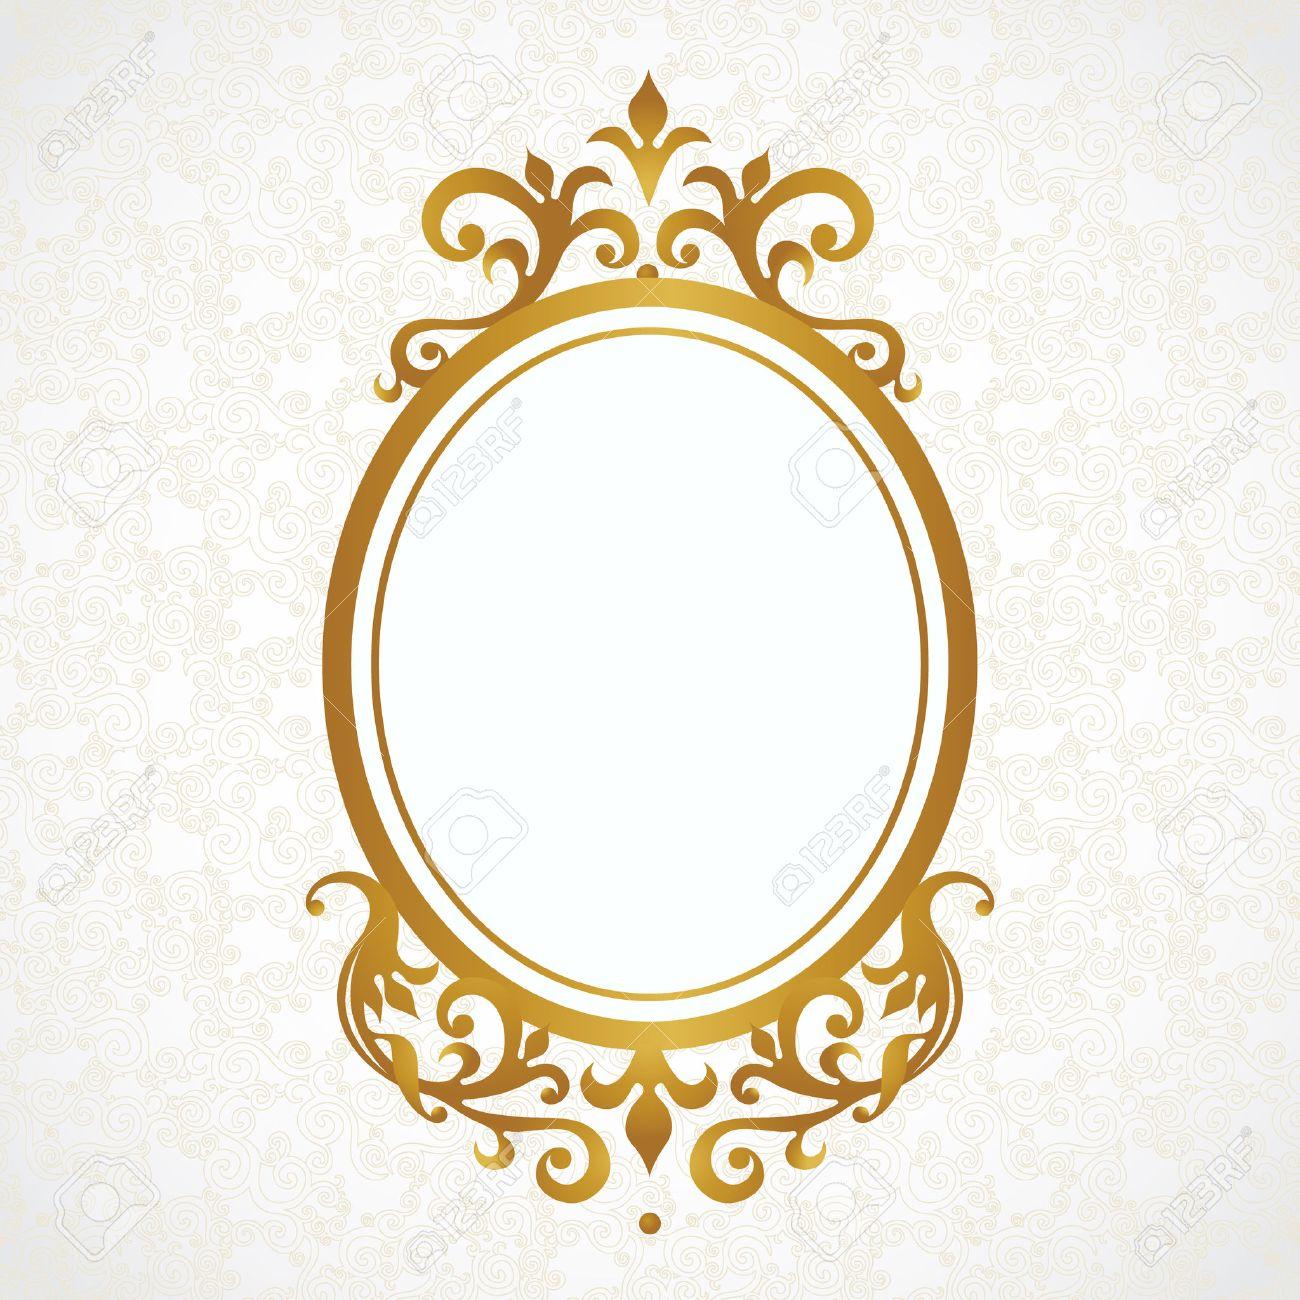 marco dorado barroco vector marco decorativo en estilo victoriano elemento para el diseo elegante